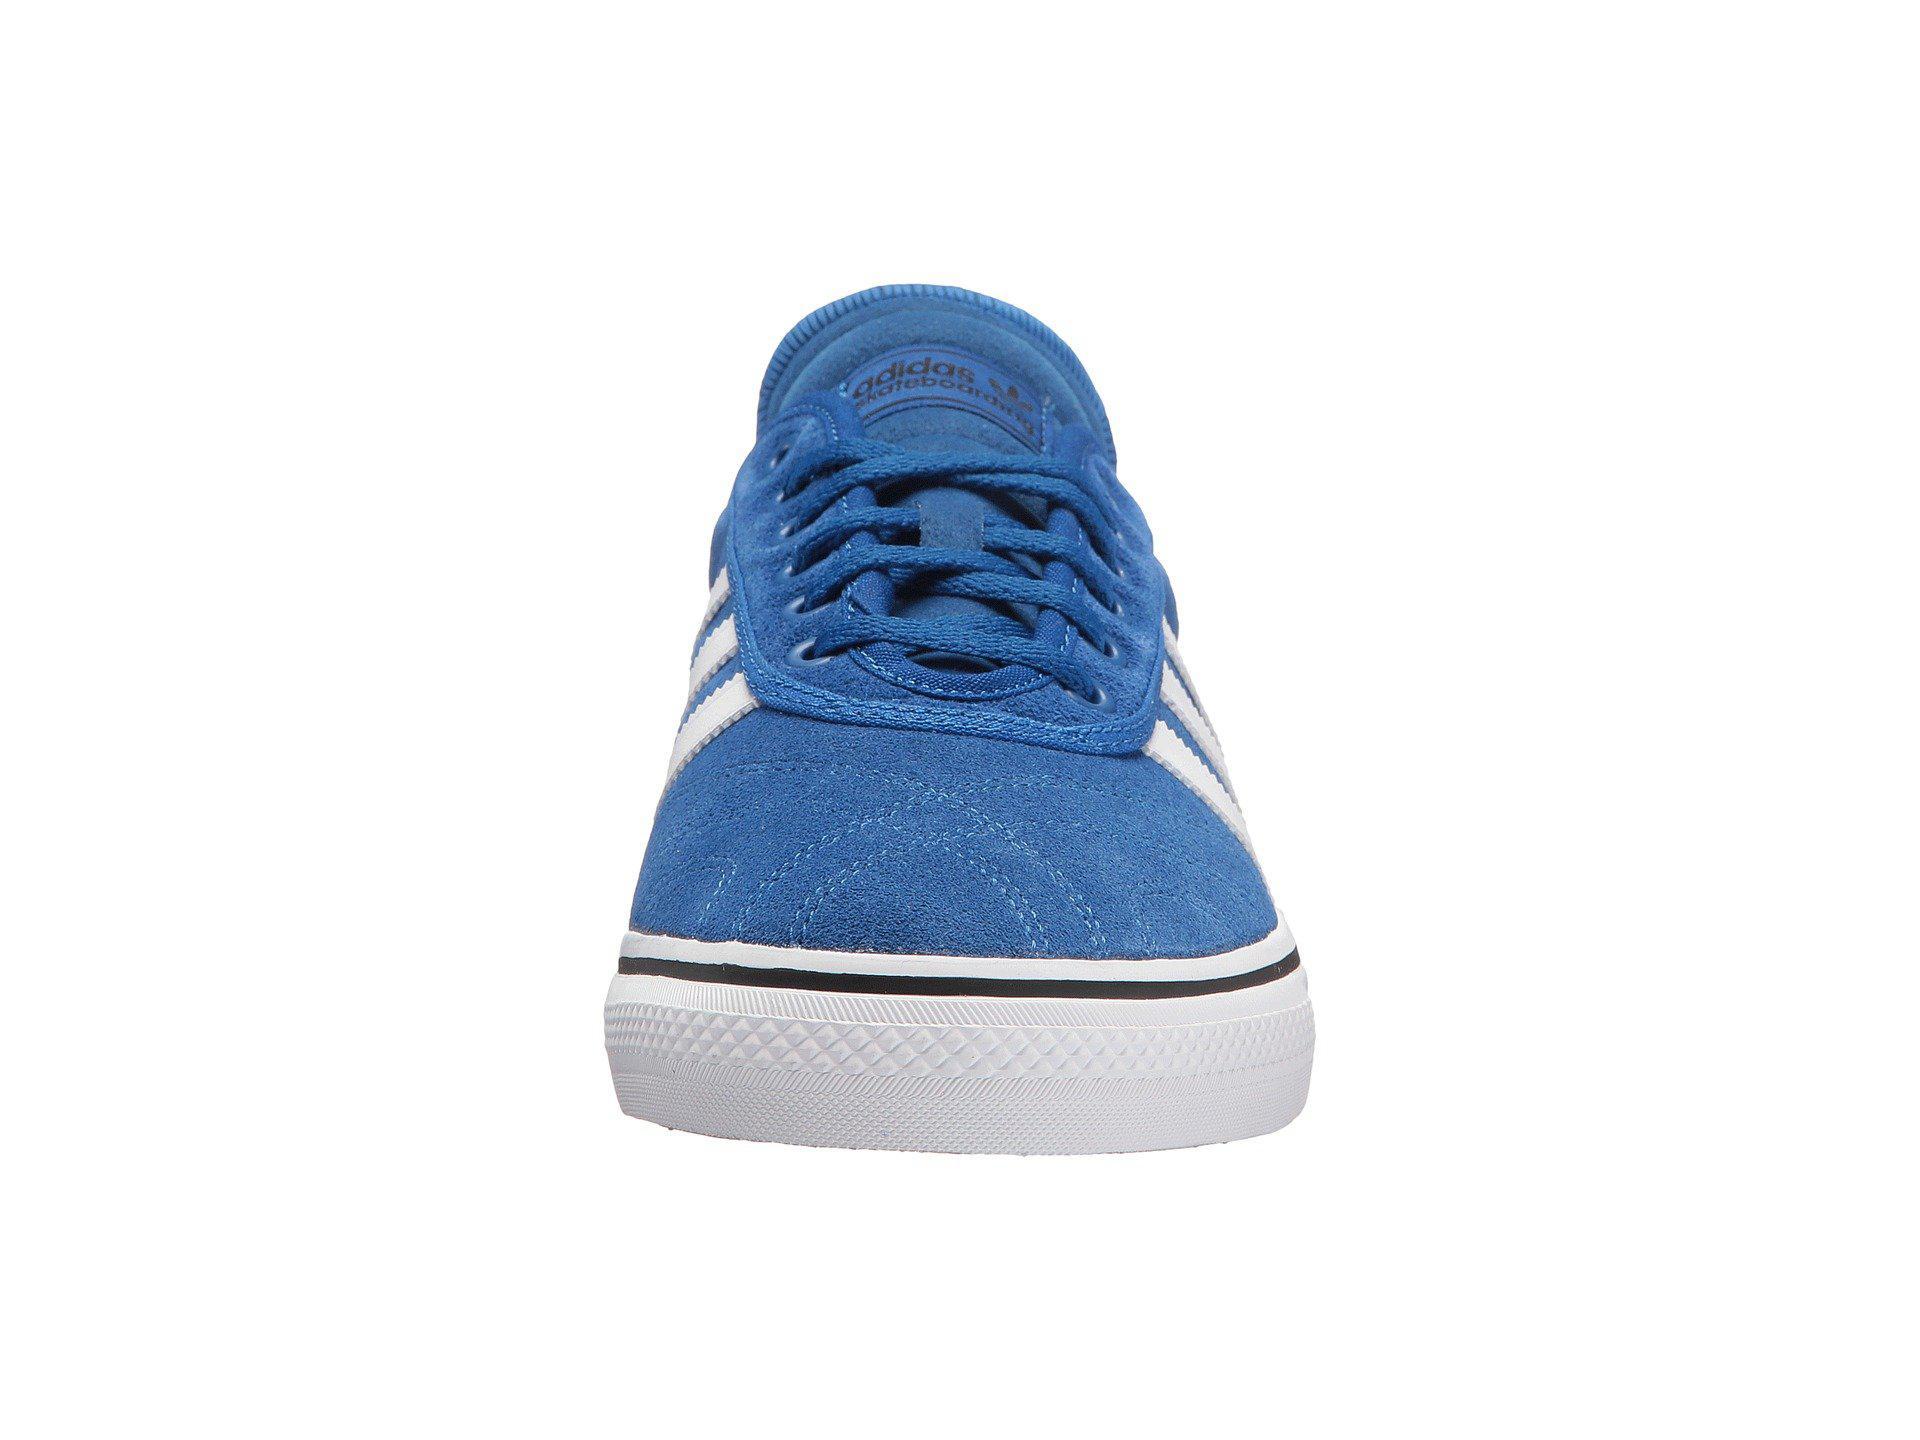 wholesale dealer d6fe2 074d1 Lyst - adidas Originals Adiease Premiere X Bonethrower (blue